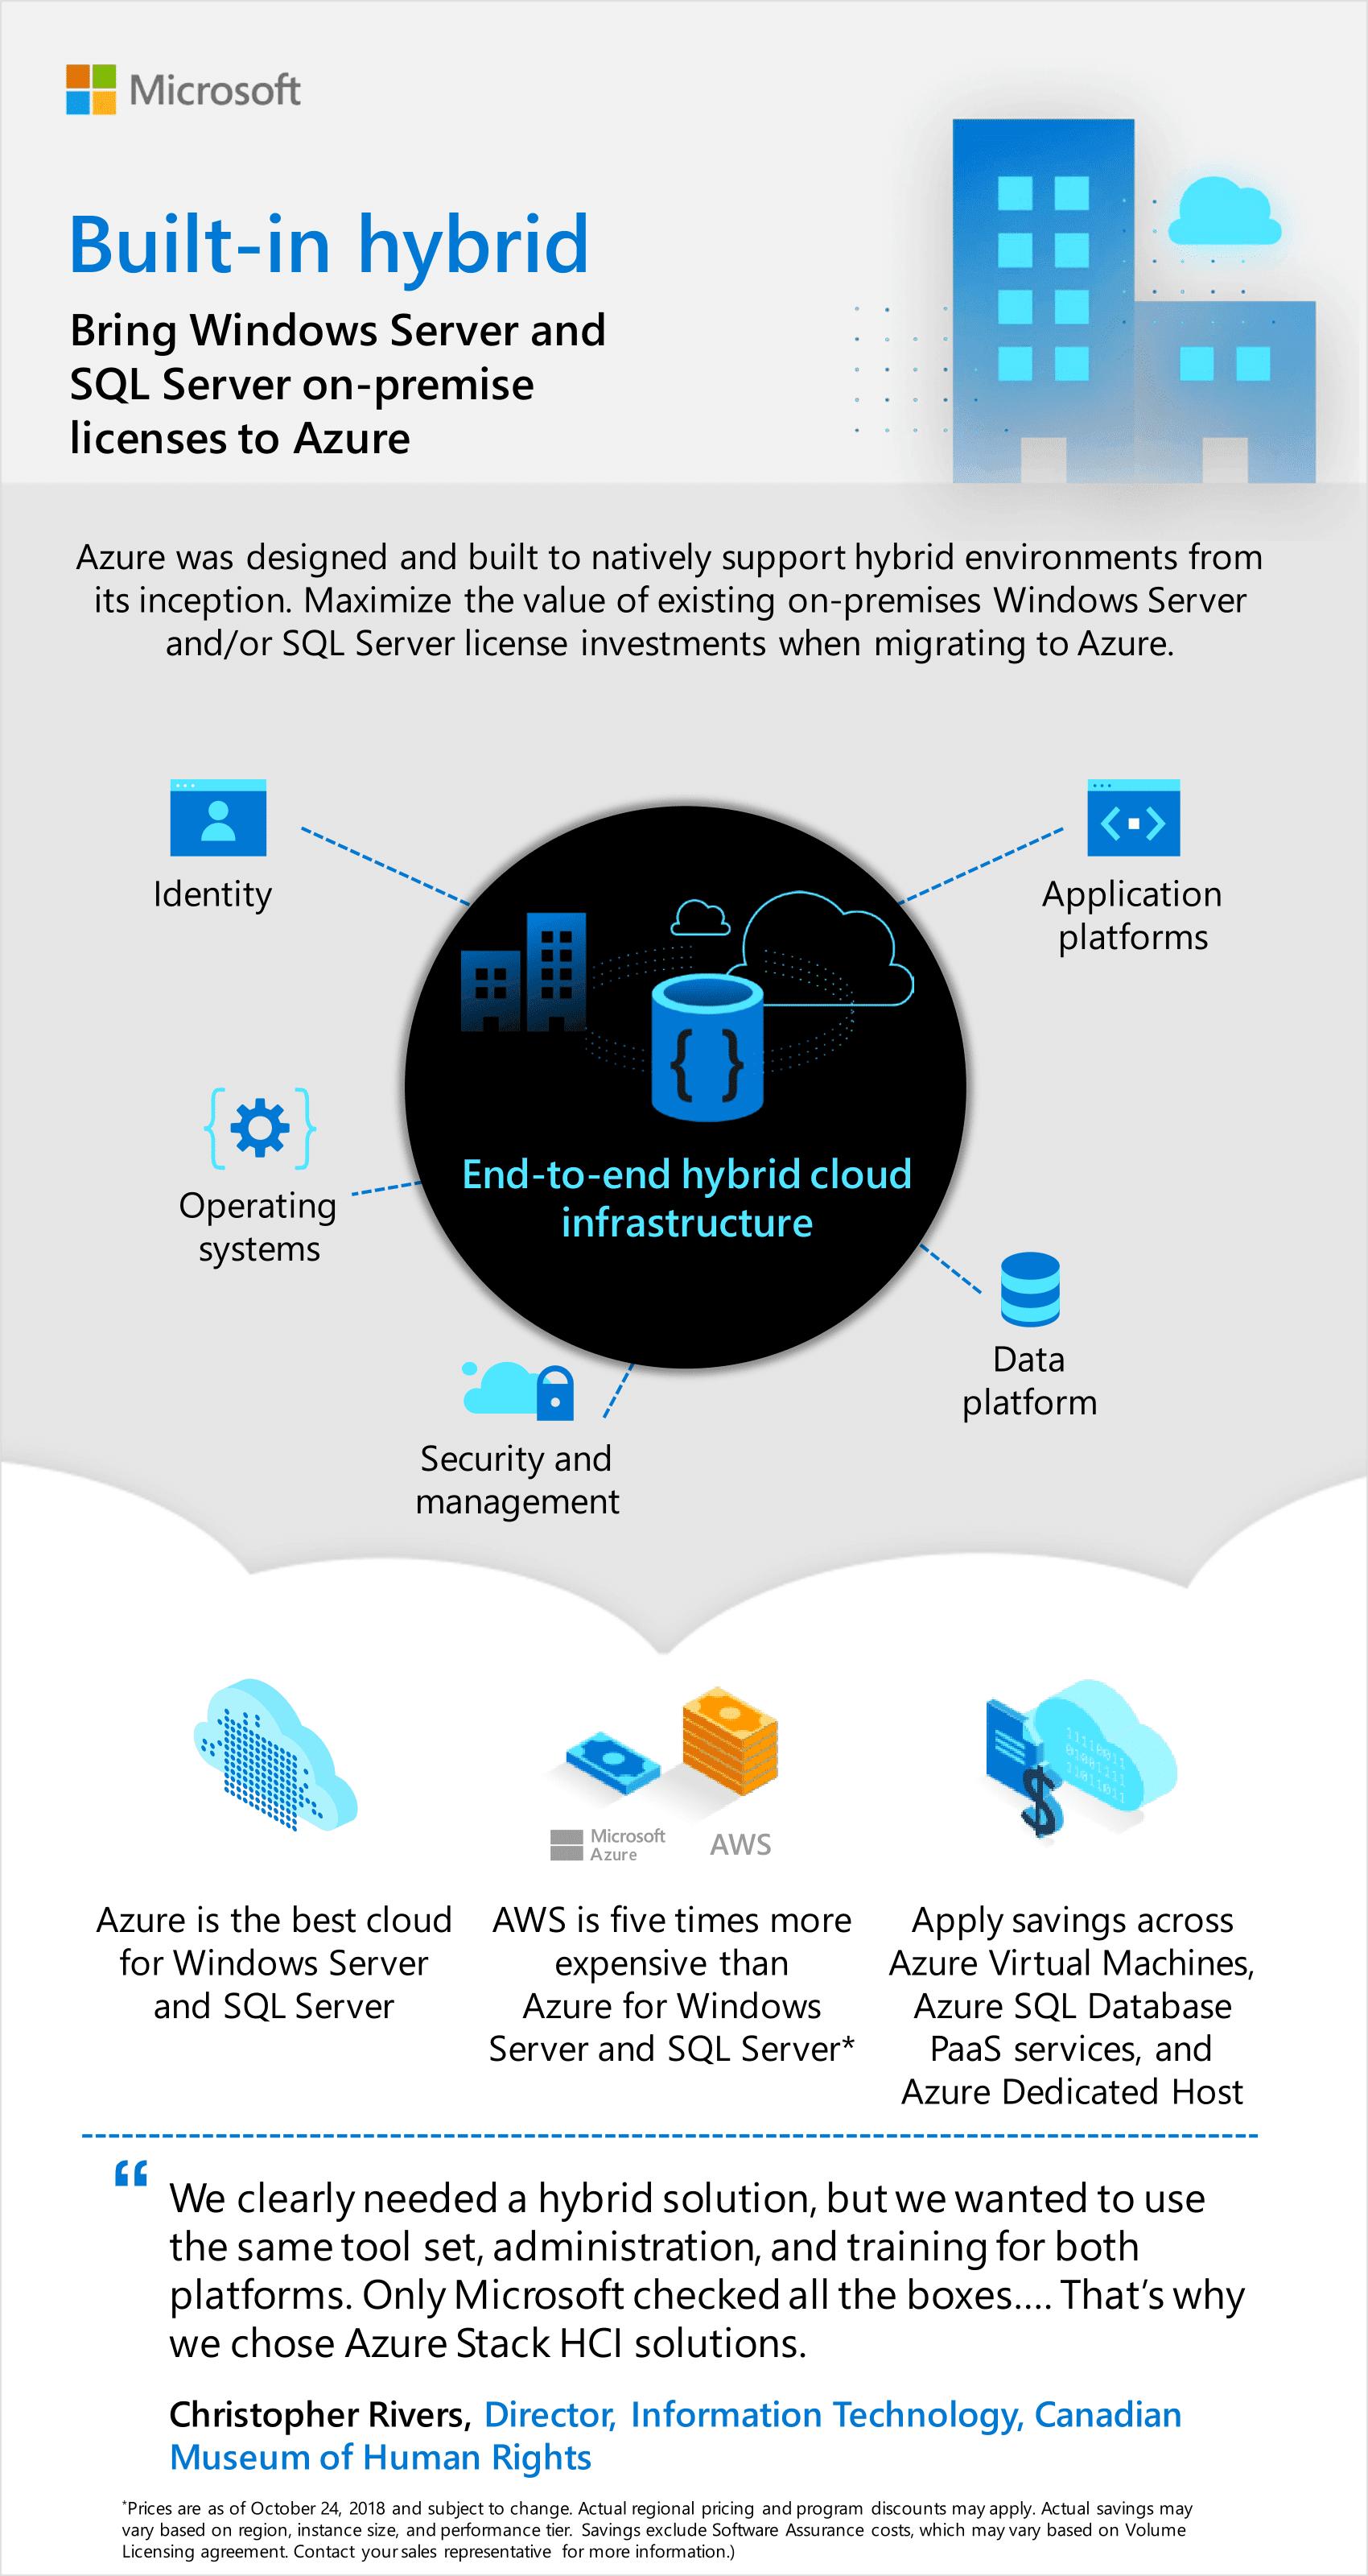 Hybrid Data Platform